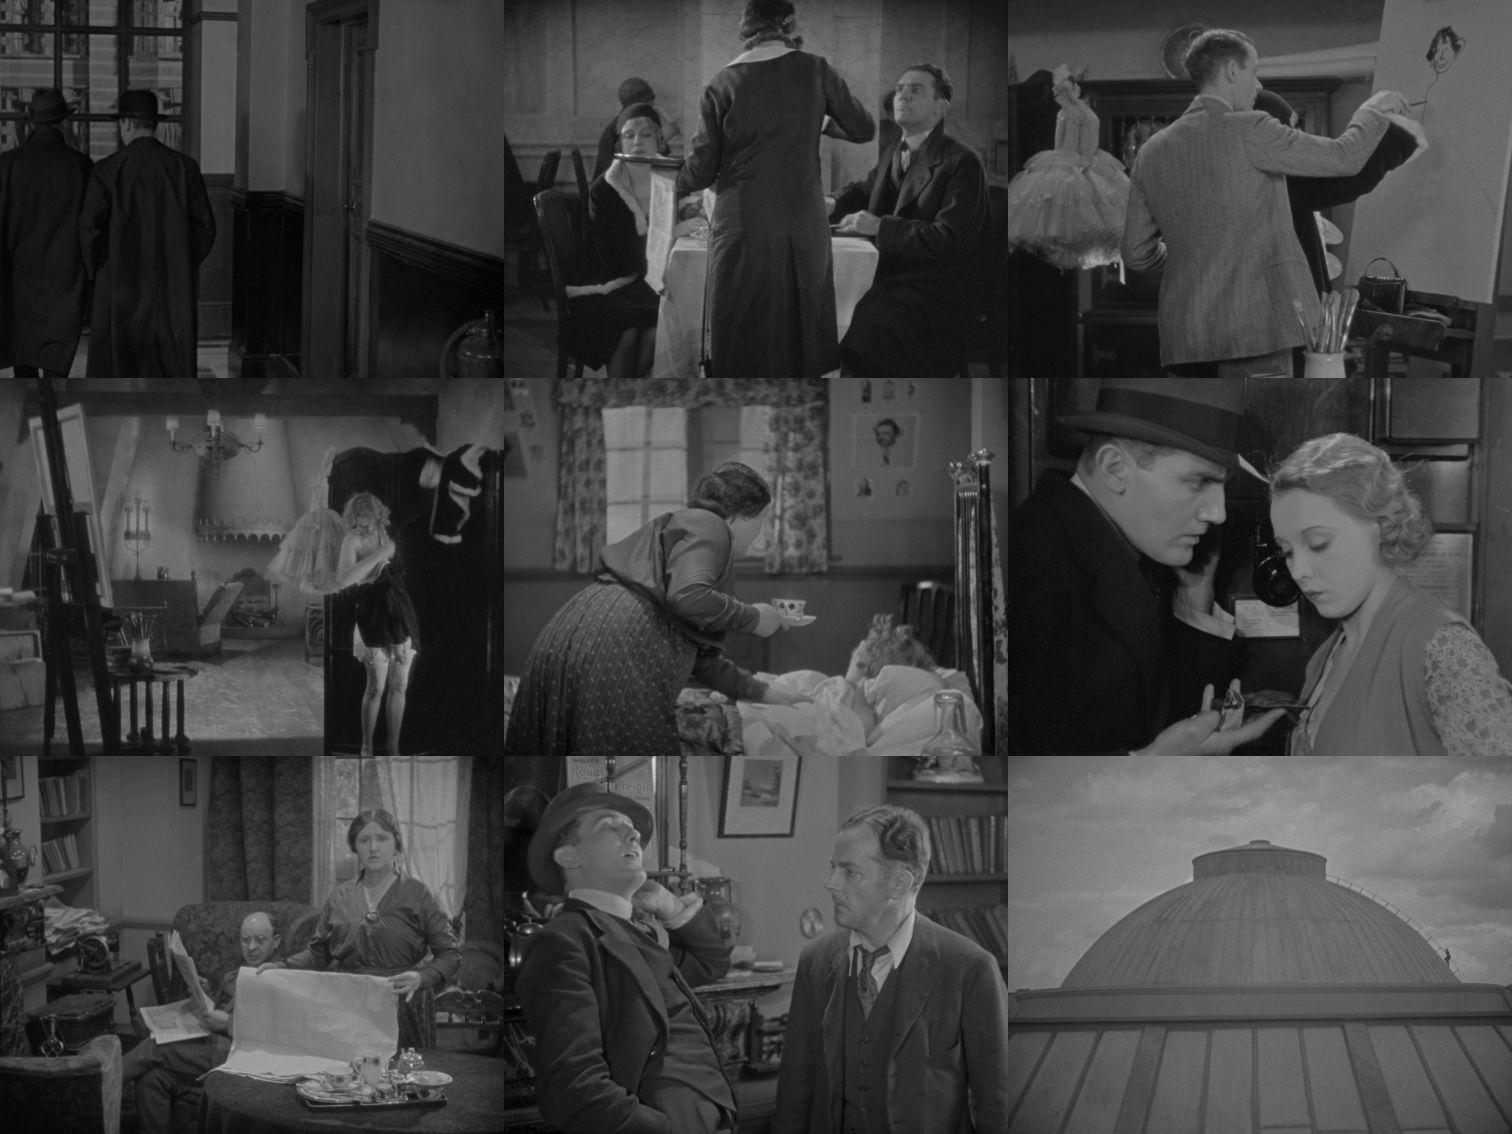 悠悠MP4_MP4电影下载_讹诈/敲诈 Blackmail.1929.Silent.Cut.1080p.BluRay.x264-PSYCHD 7.94GB